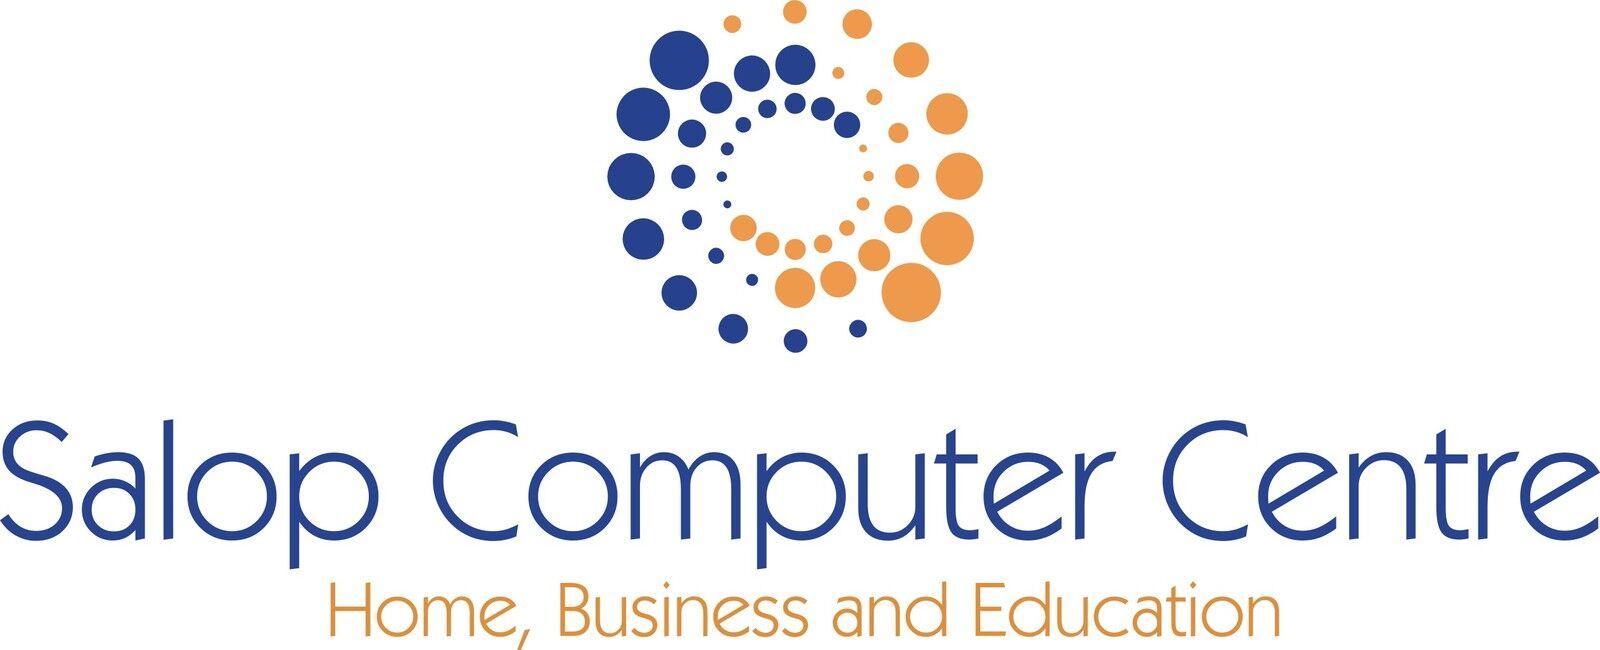 salop_computercentre